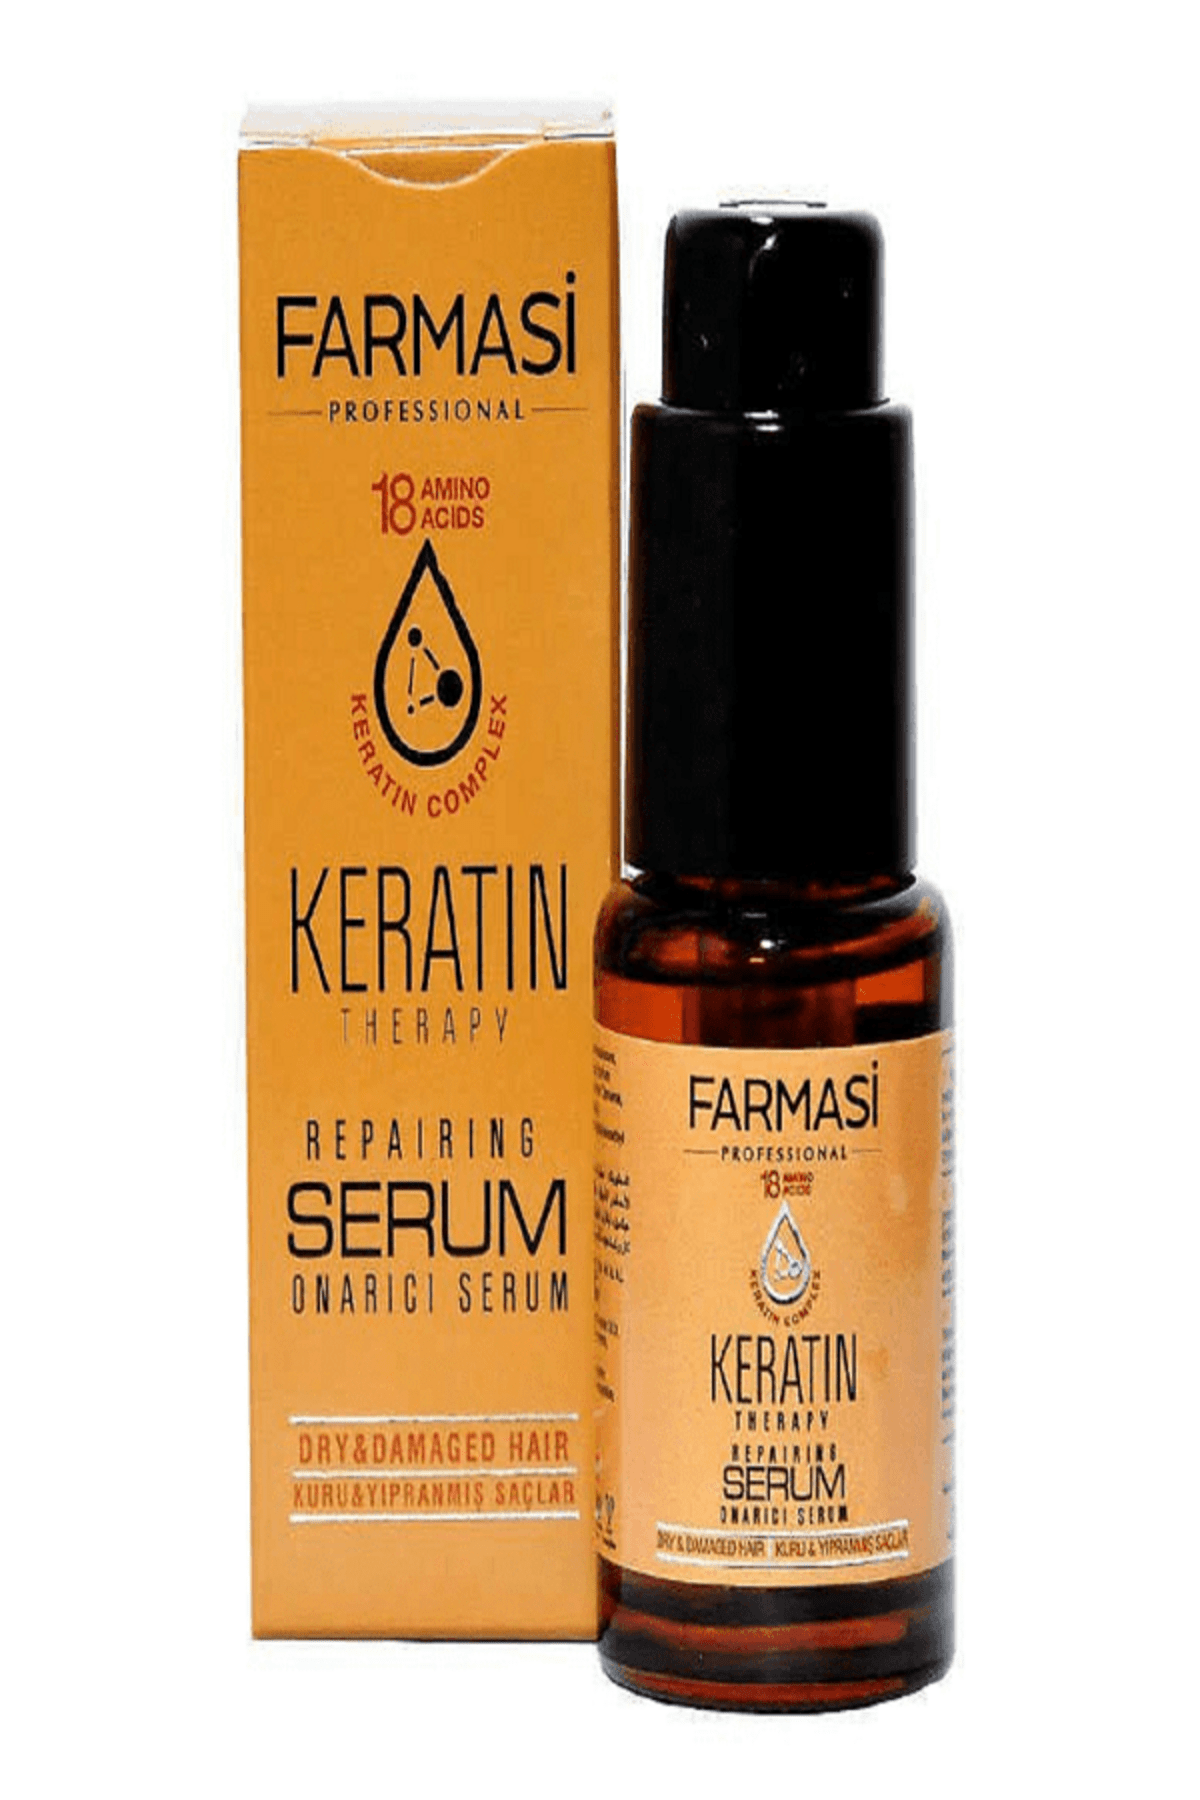 Farmasi Keratin Onarıcı Serum 30 ml.